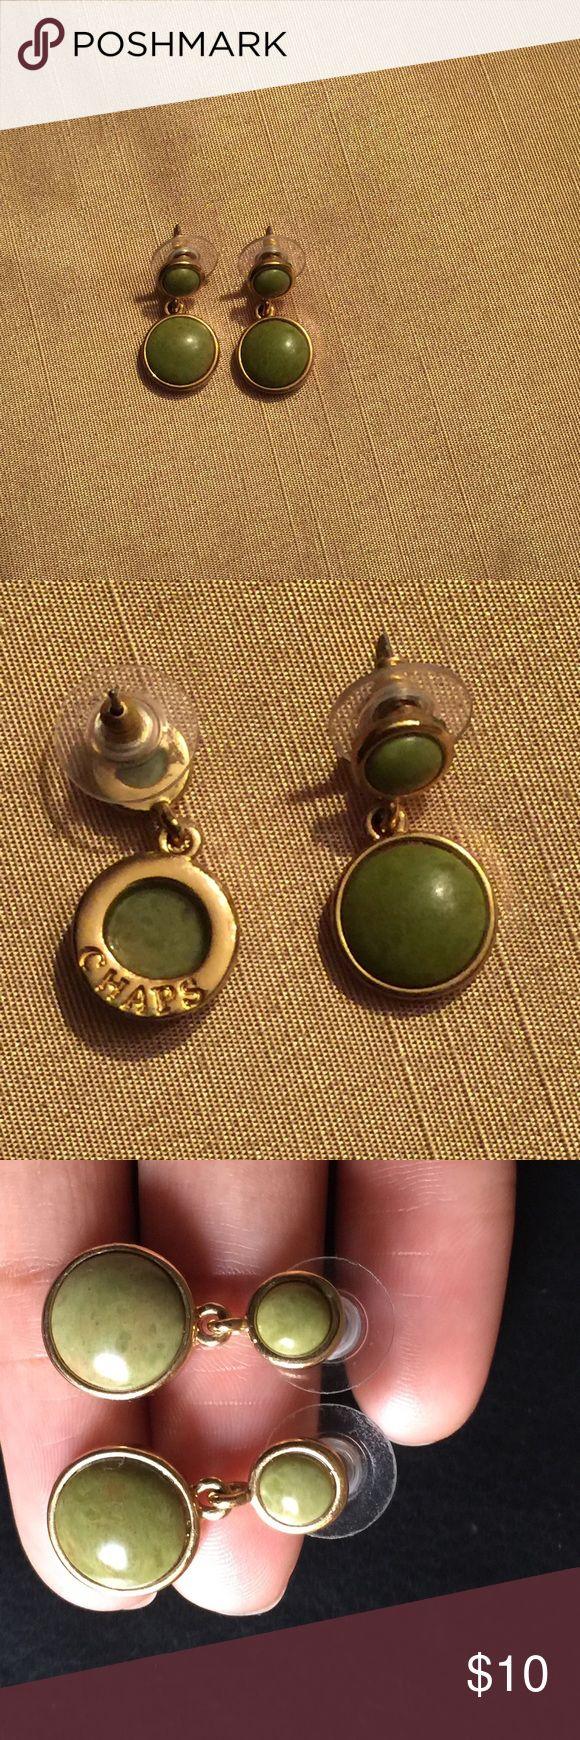 Kohl's Chaps Drop Gold /Olive Earrings Chaps Chaps Jewelry Earrings